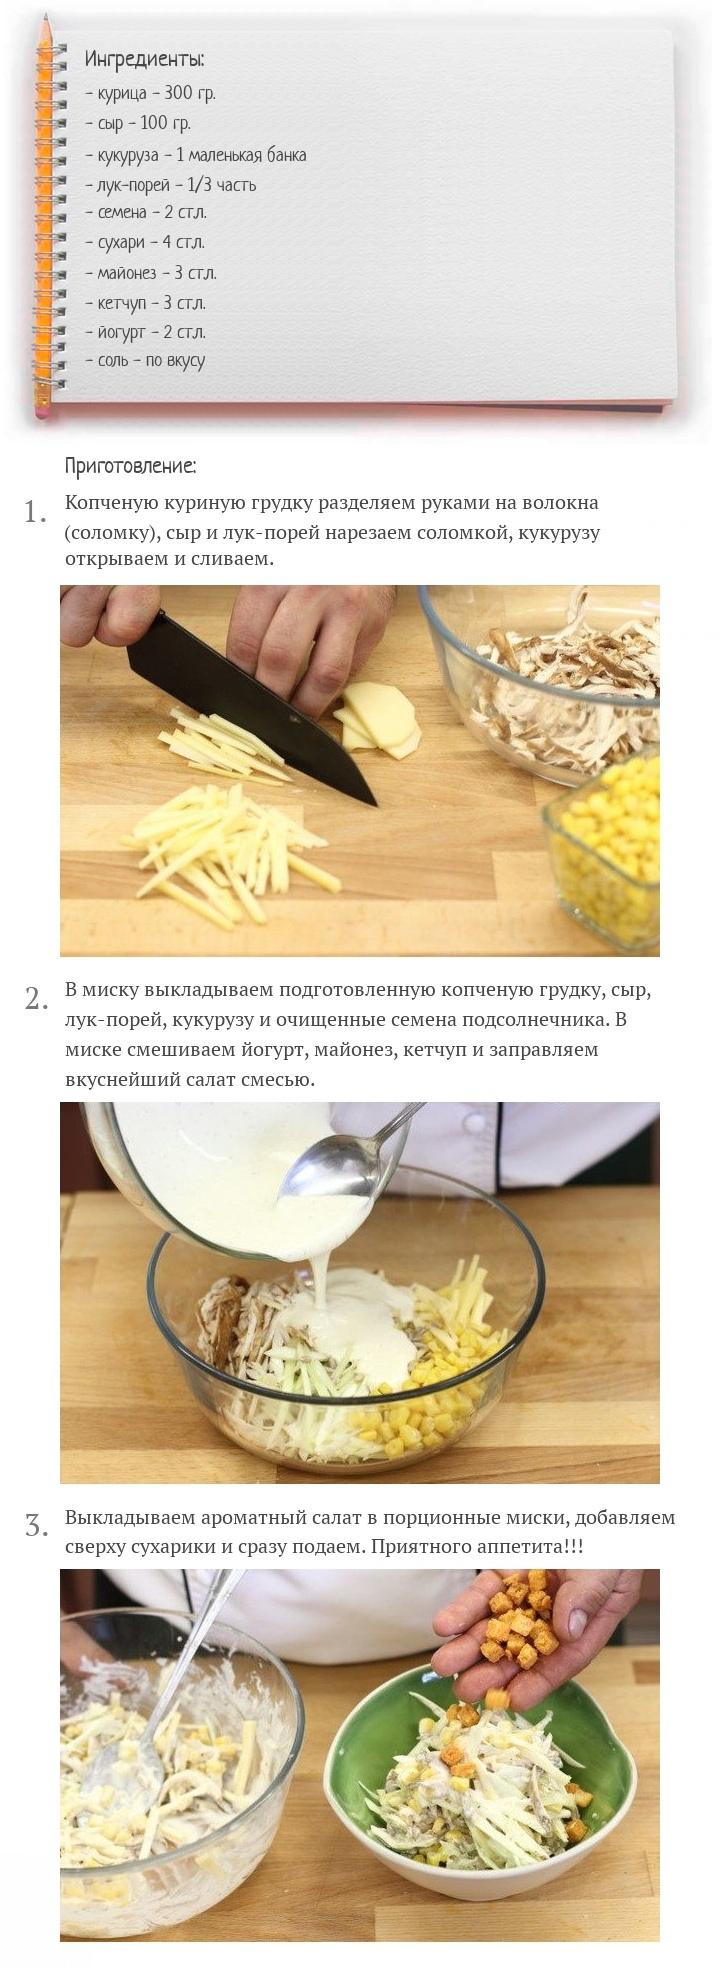 Салат с копченой курицей и сыром, изображение №2